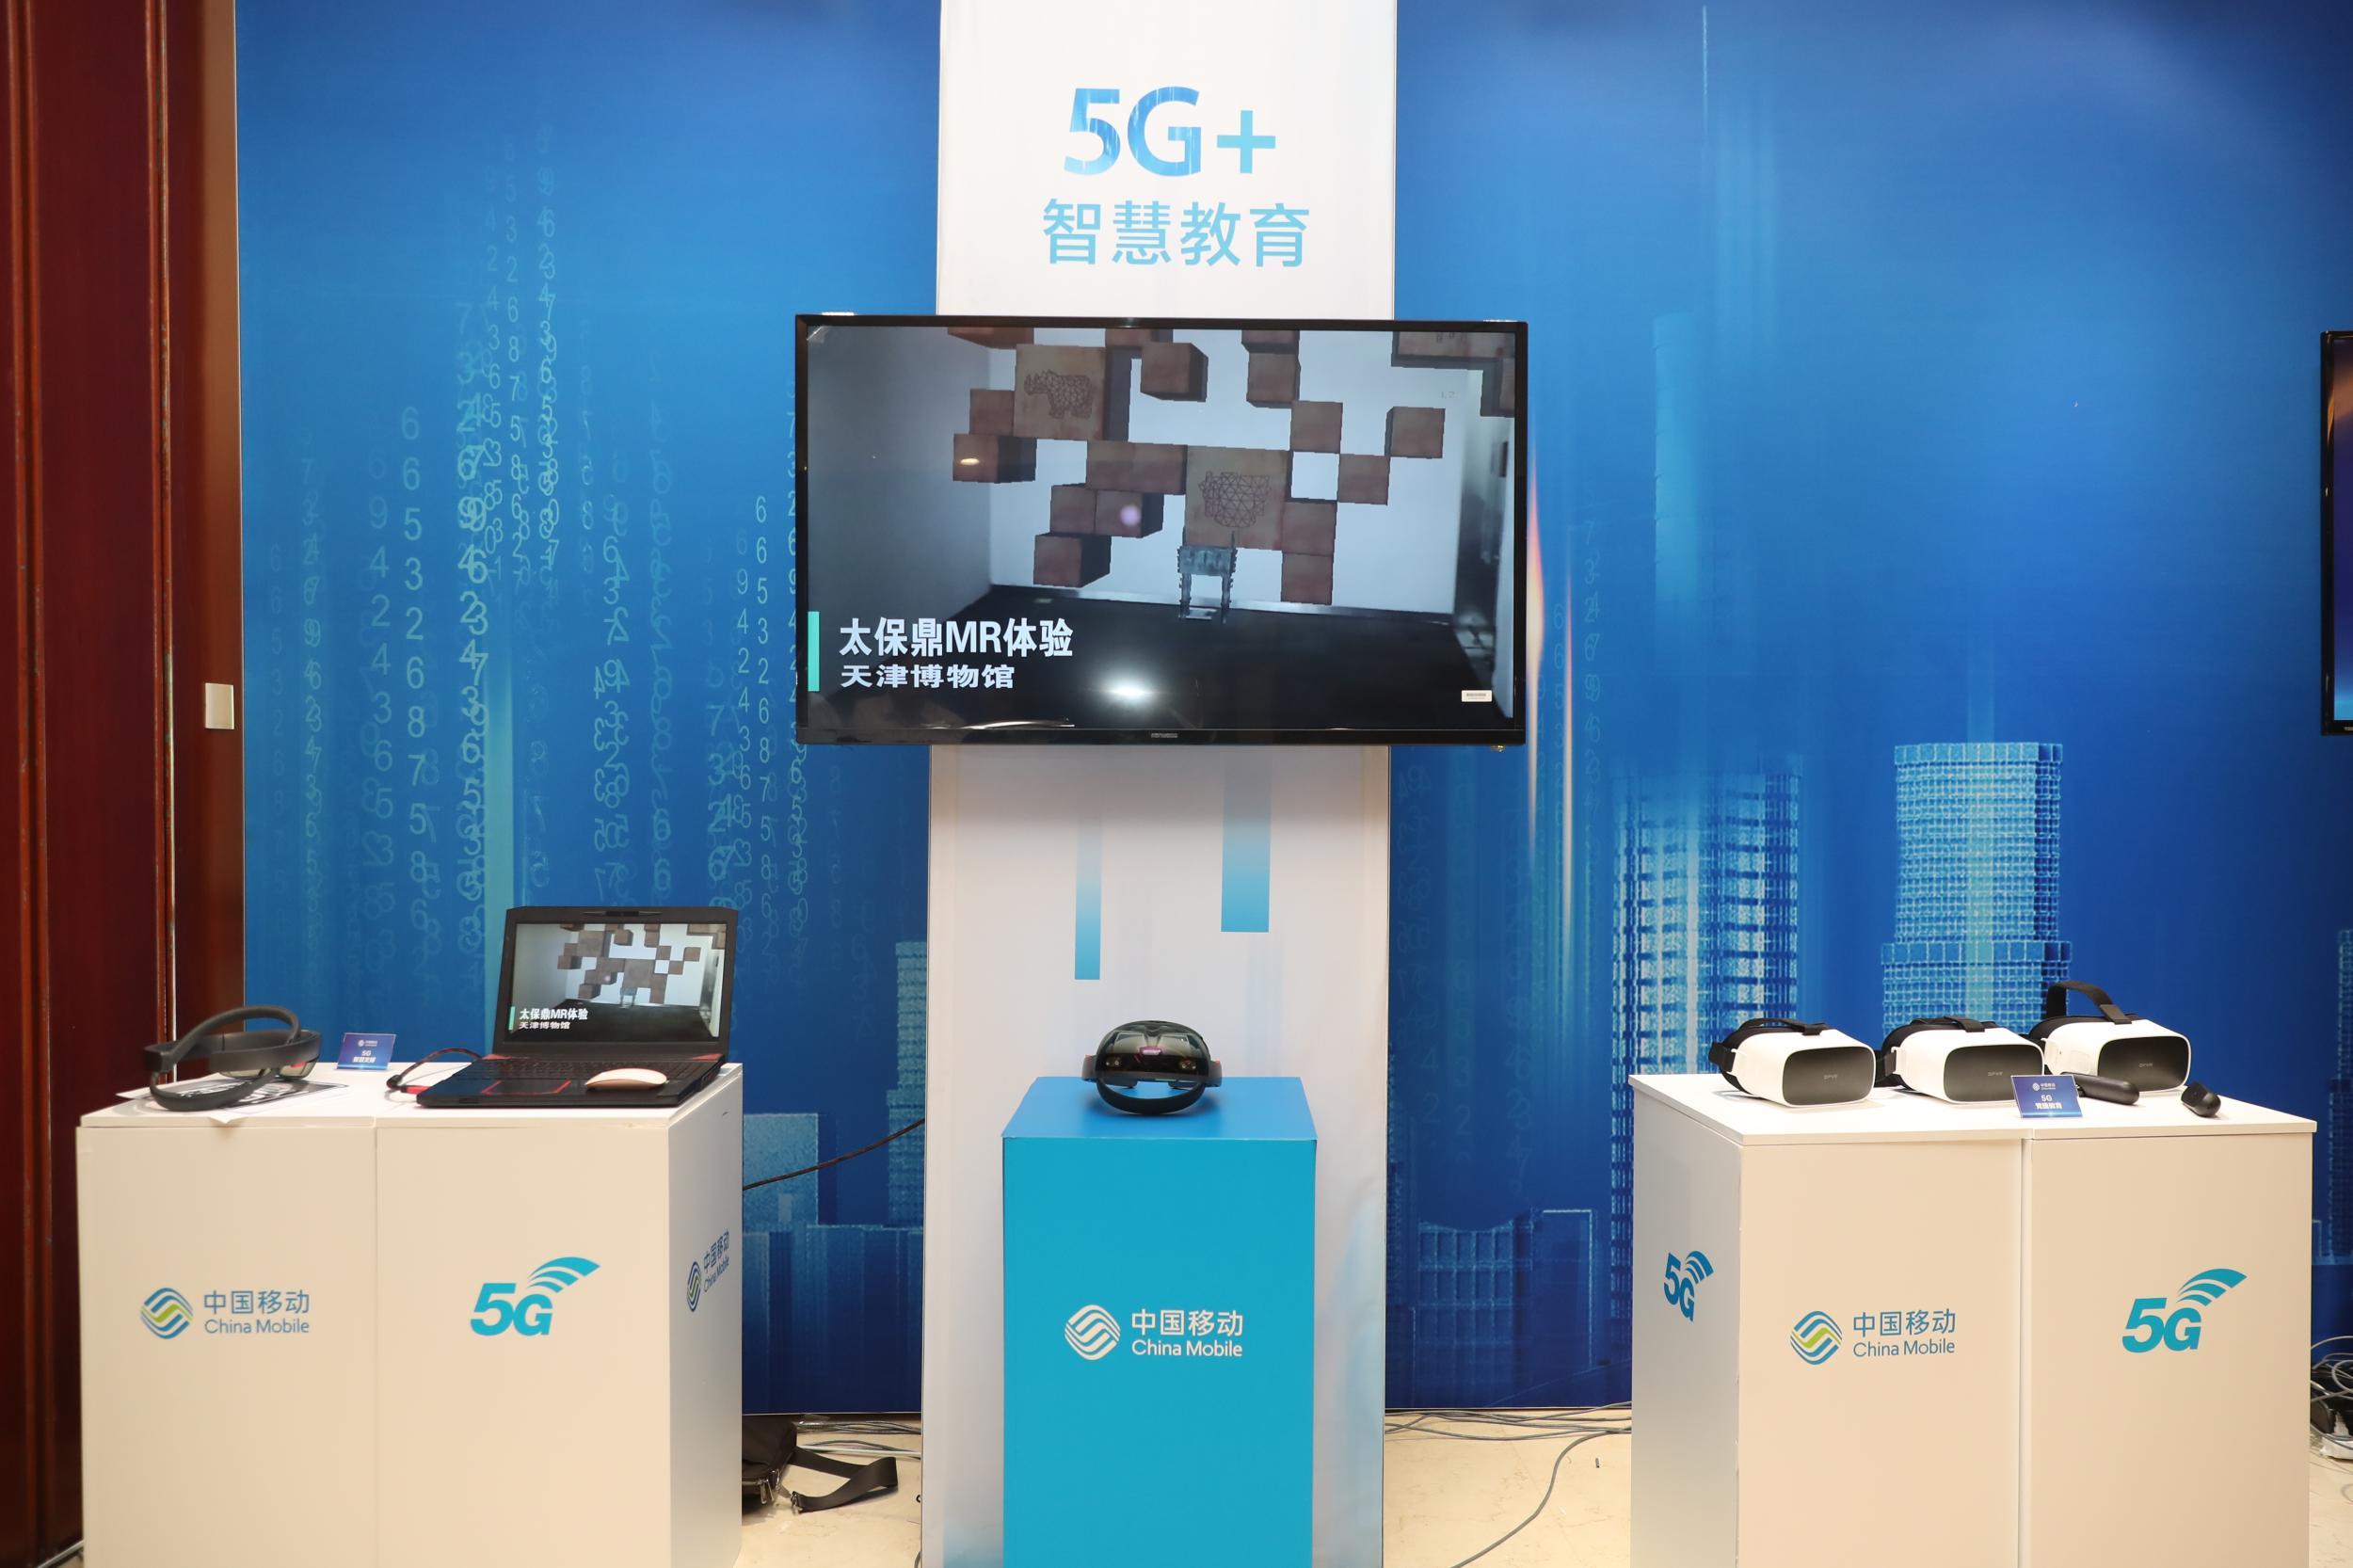 剧透未来:天津移动带你花式玩转5G酷炫科技